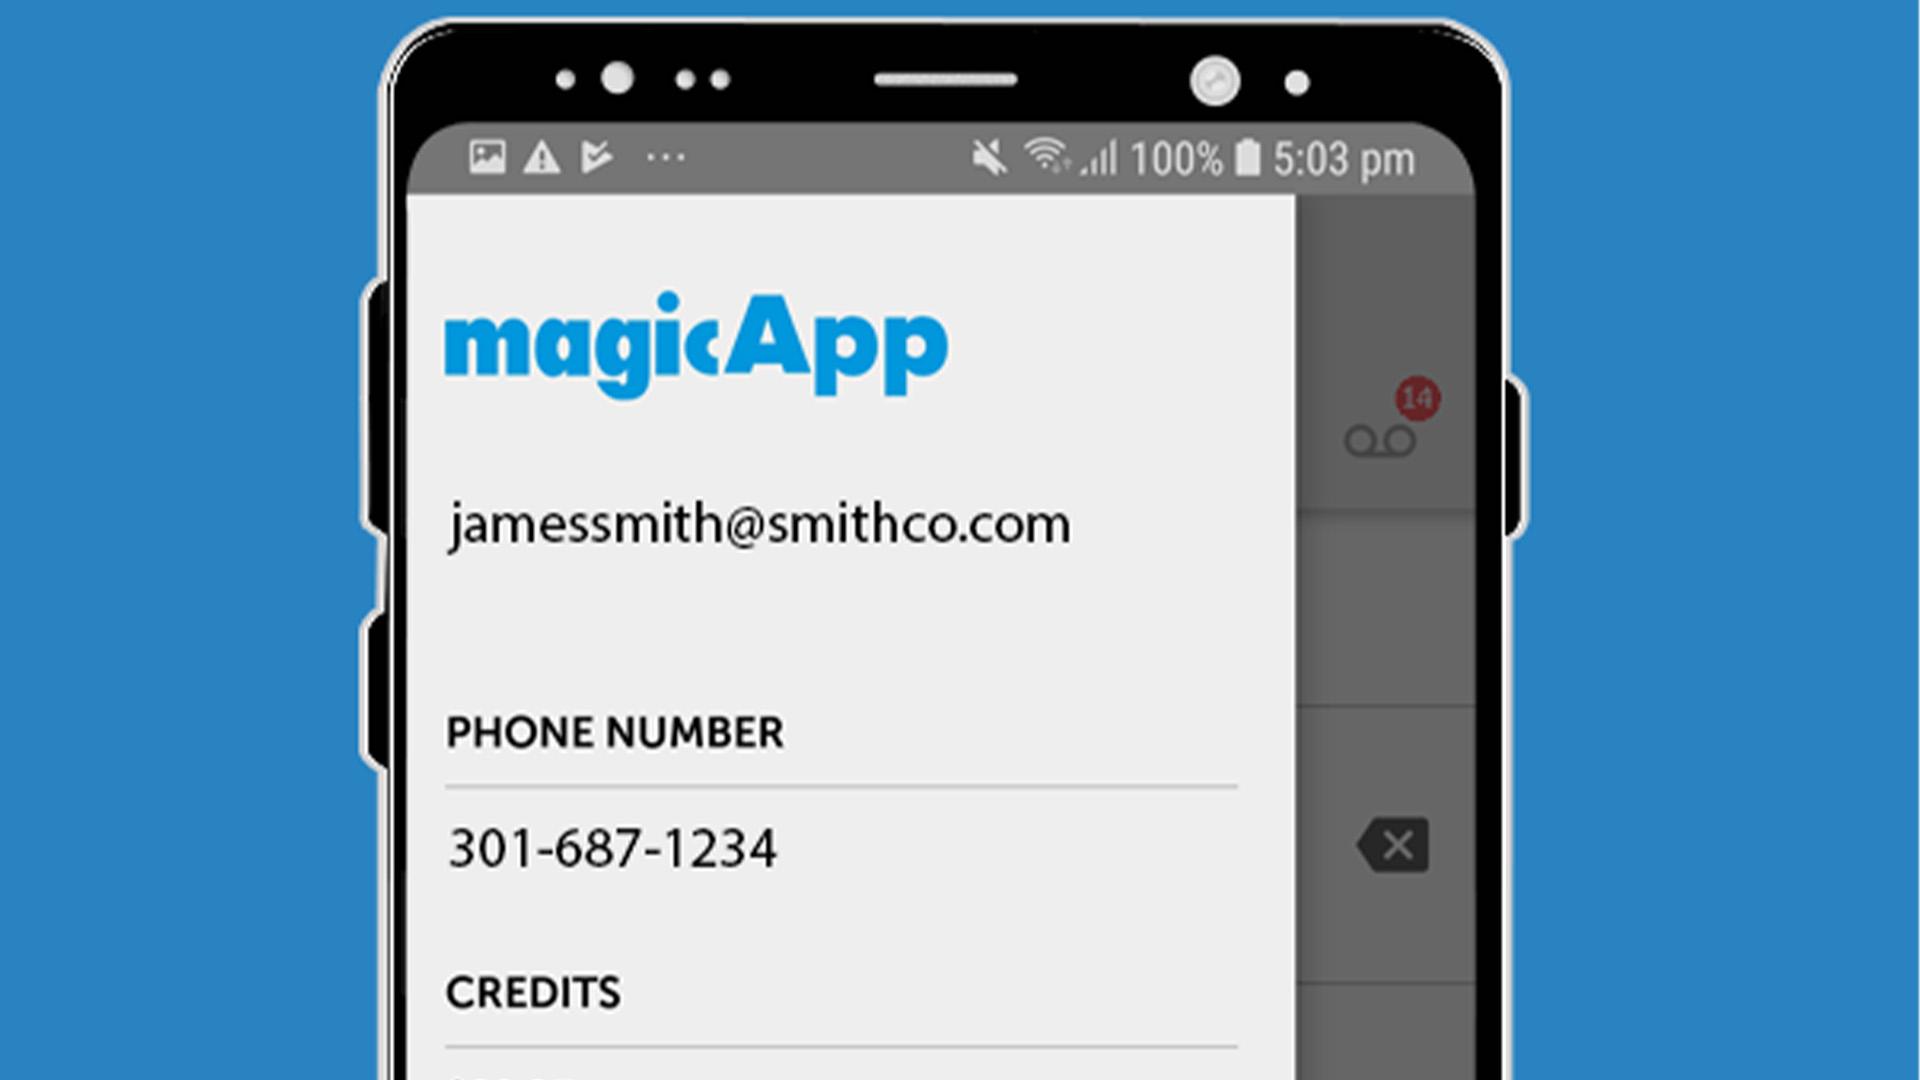 magicApp screenshot 2020